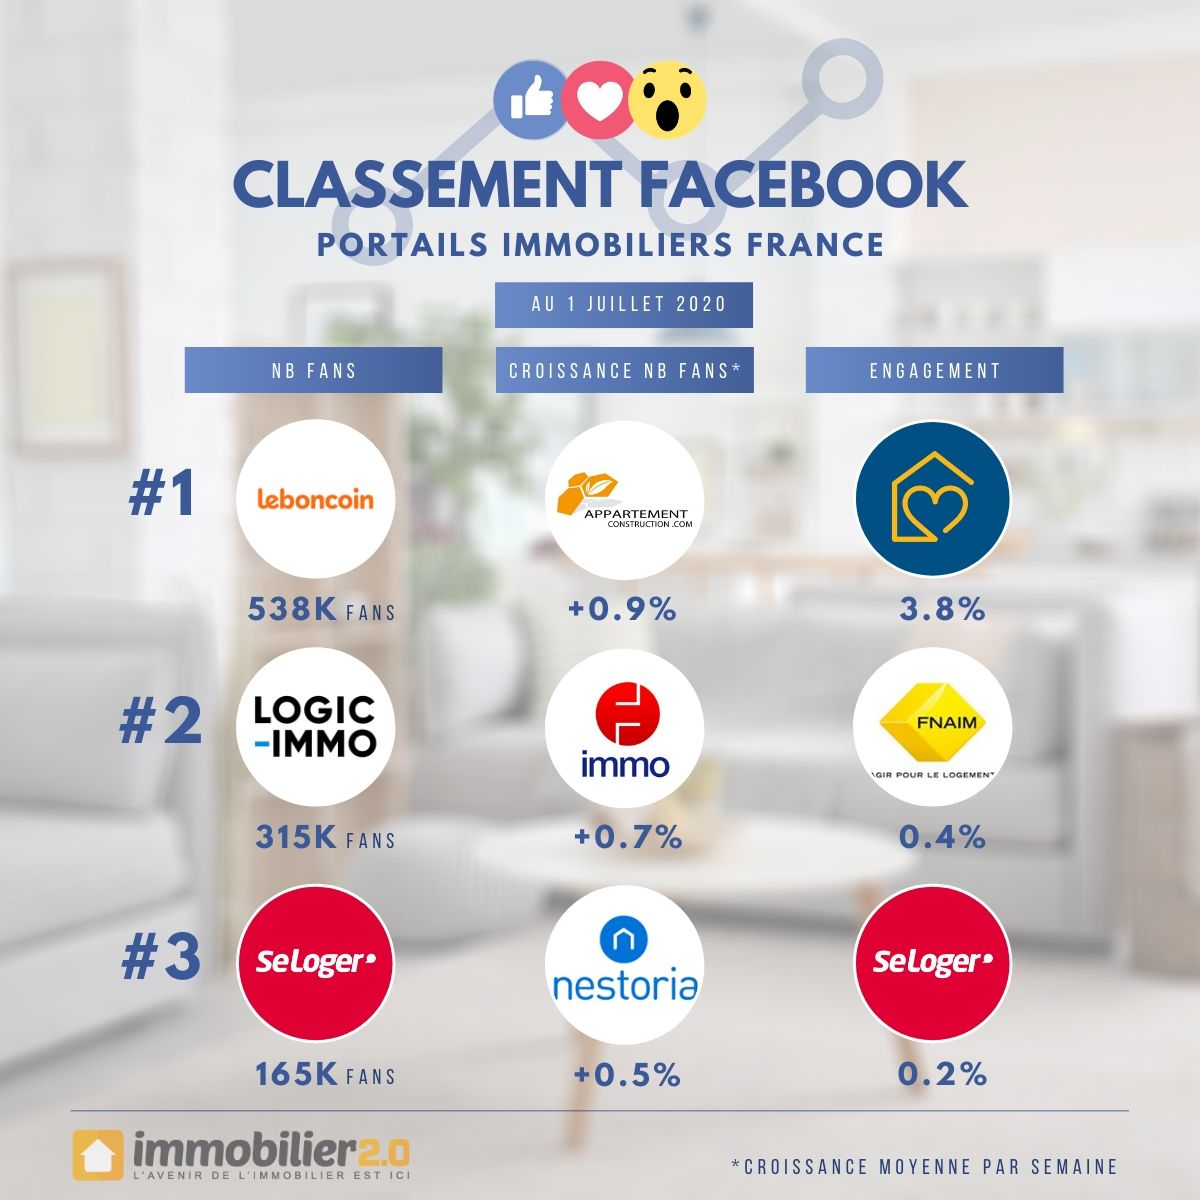 Classement Facebook Portails Immobiliers France Juillet 2020